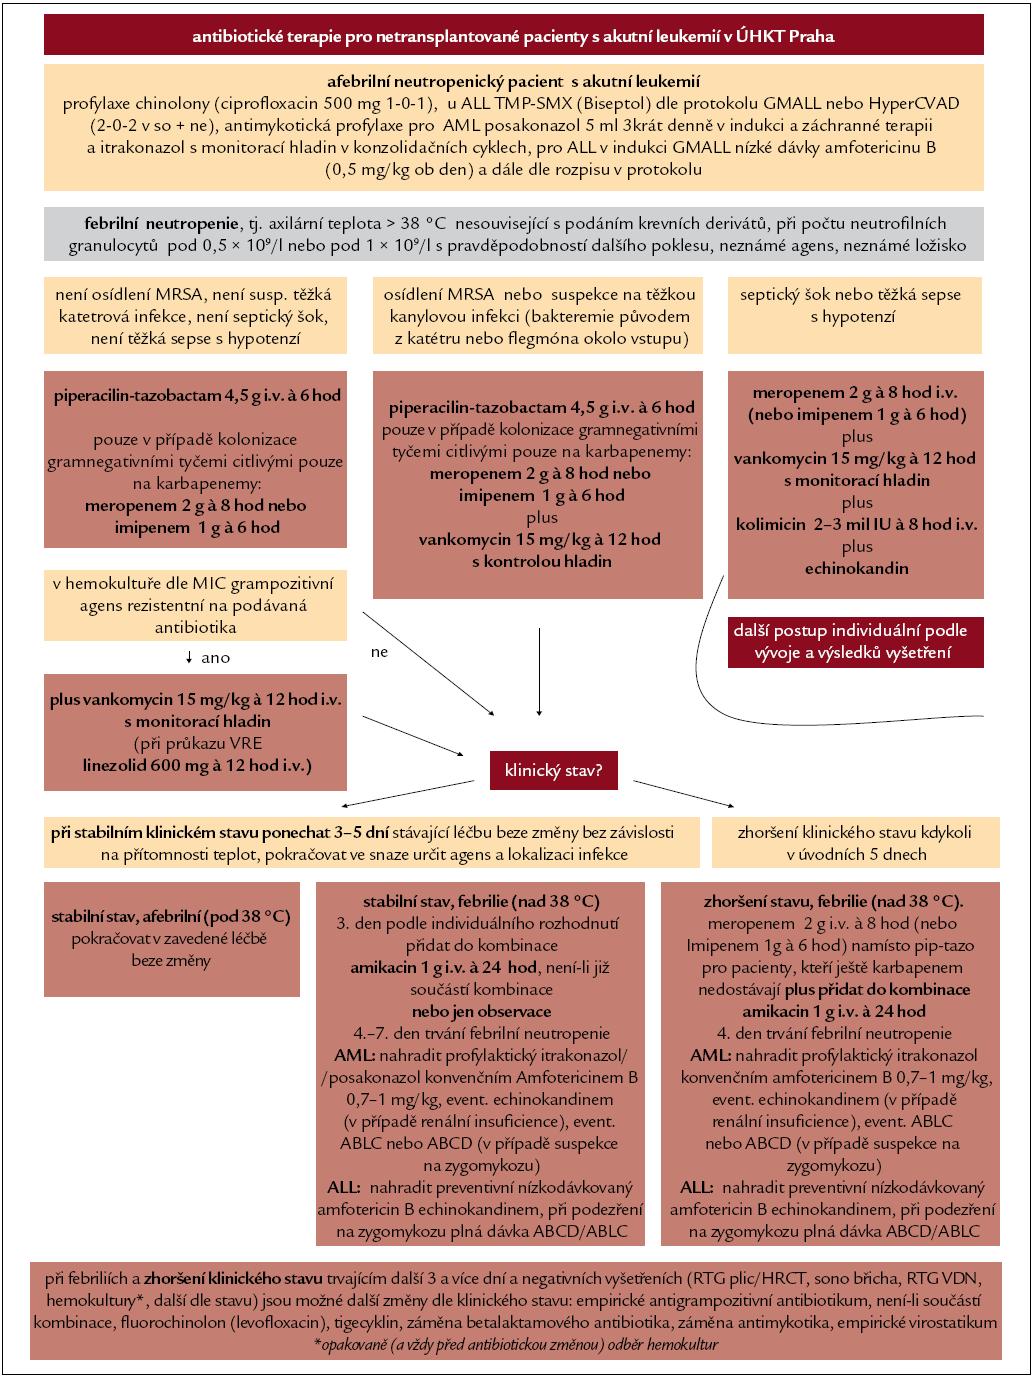 Aktuální postup podávání antimikrobiálních léků pacientů s akutní leukemií, který zohledňuje evropská doporučení a lokální epidemiologickou situaci.